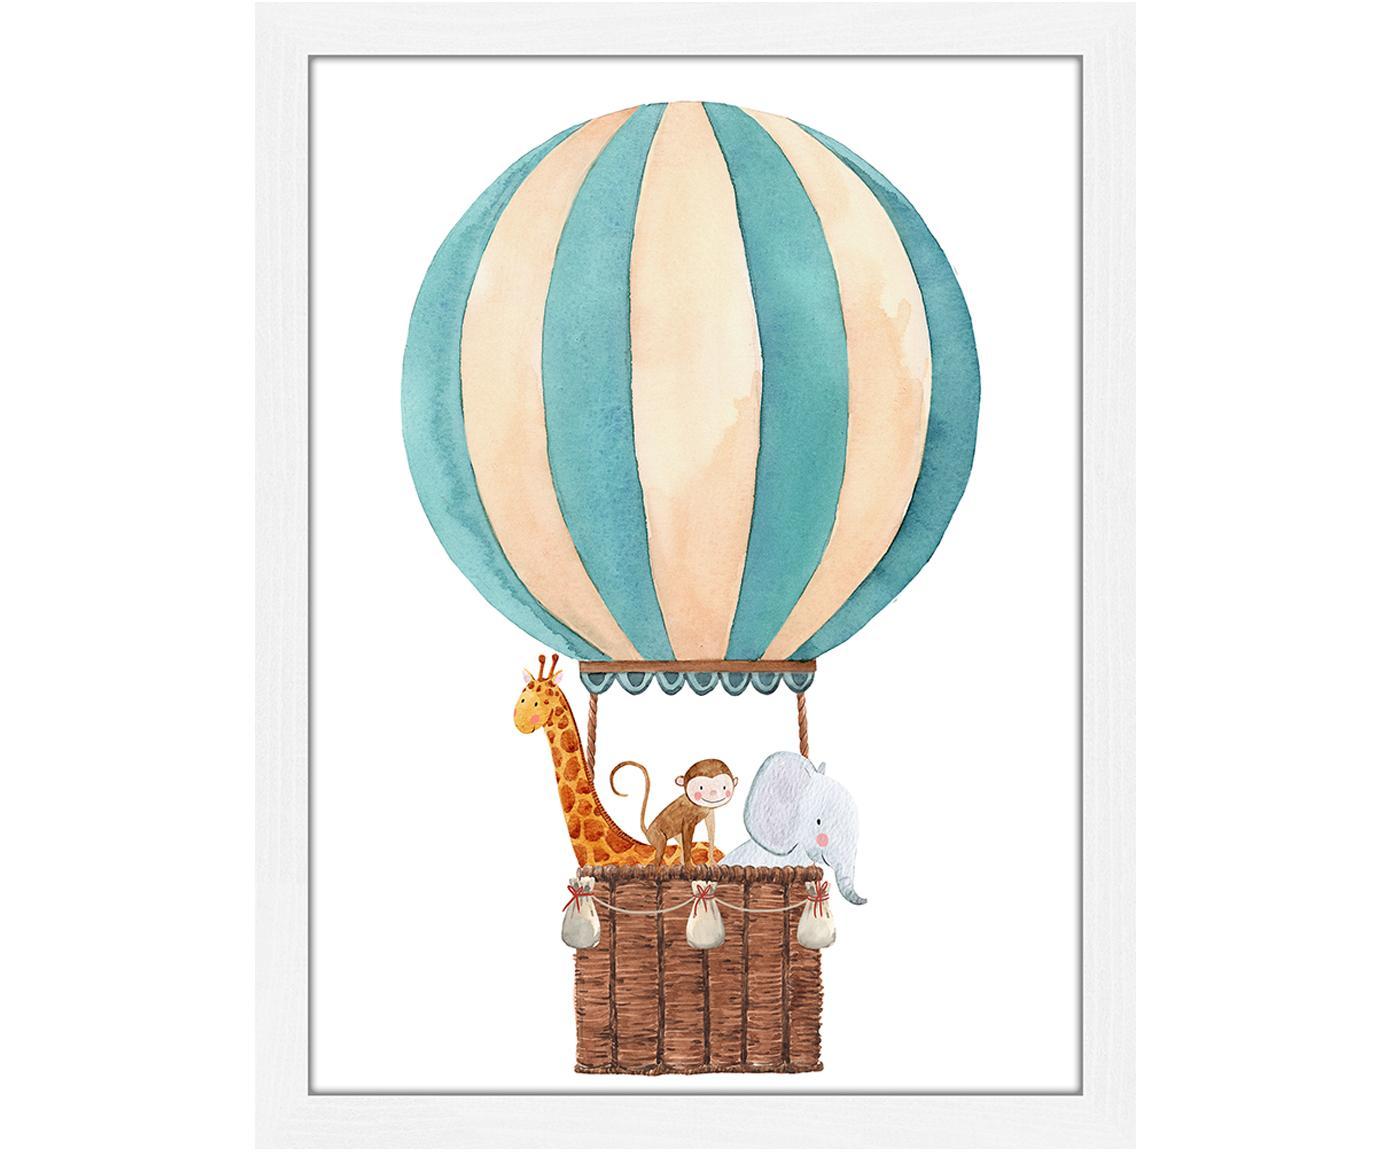 Oprawiony druk cyfrowy Balloon with Animals, Biały, wielobarwny, S 33 x W 43 cm